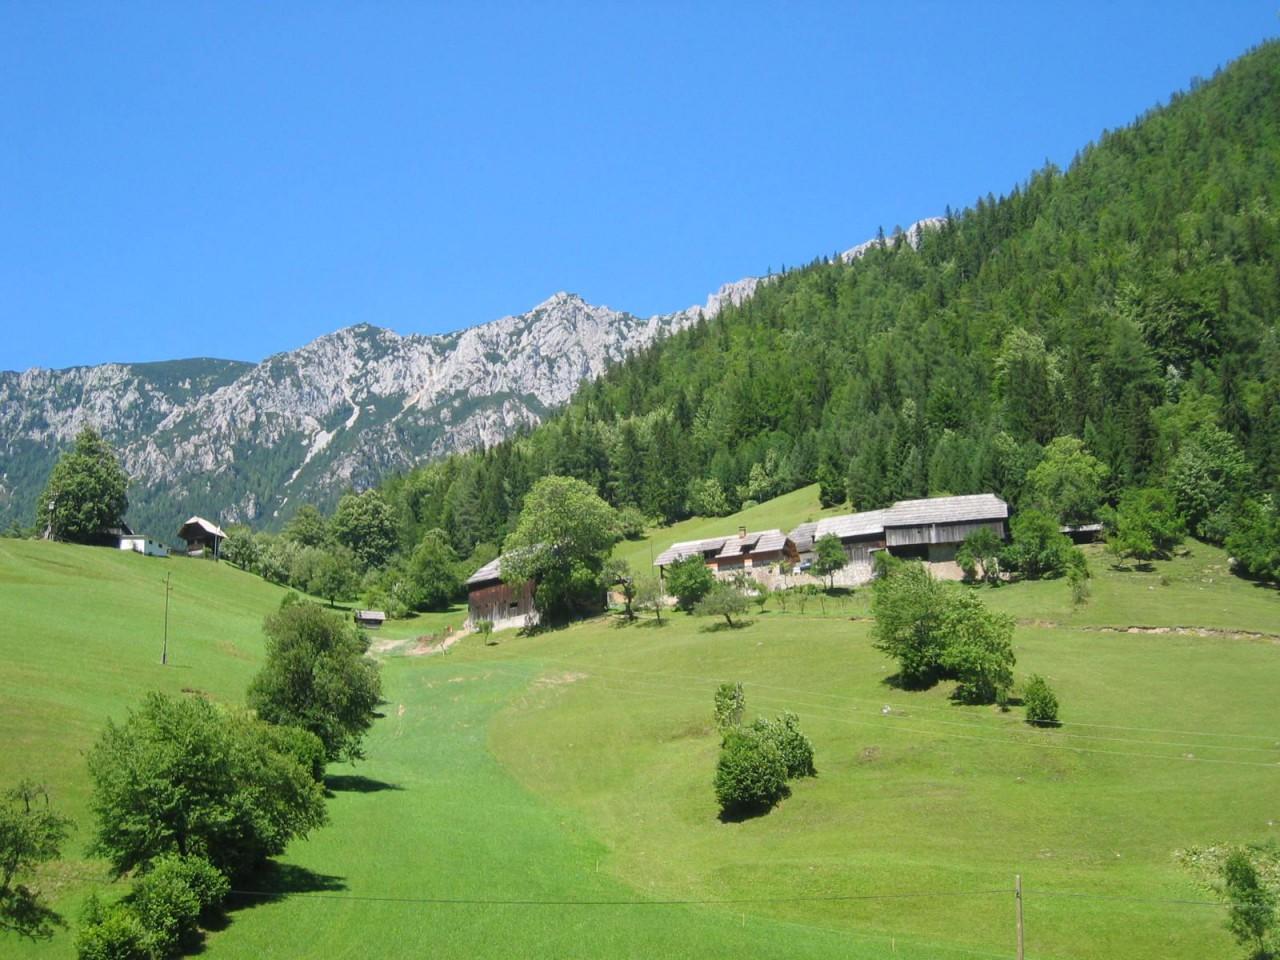 Topla kmetija - AVSTRIJSKA IN SLOVENSKA KOROŠKA